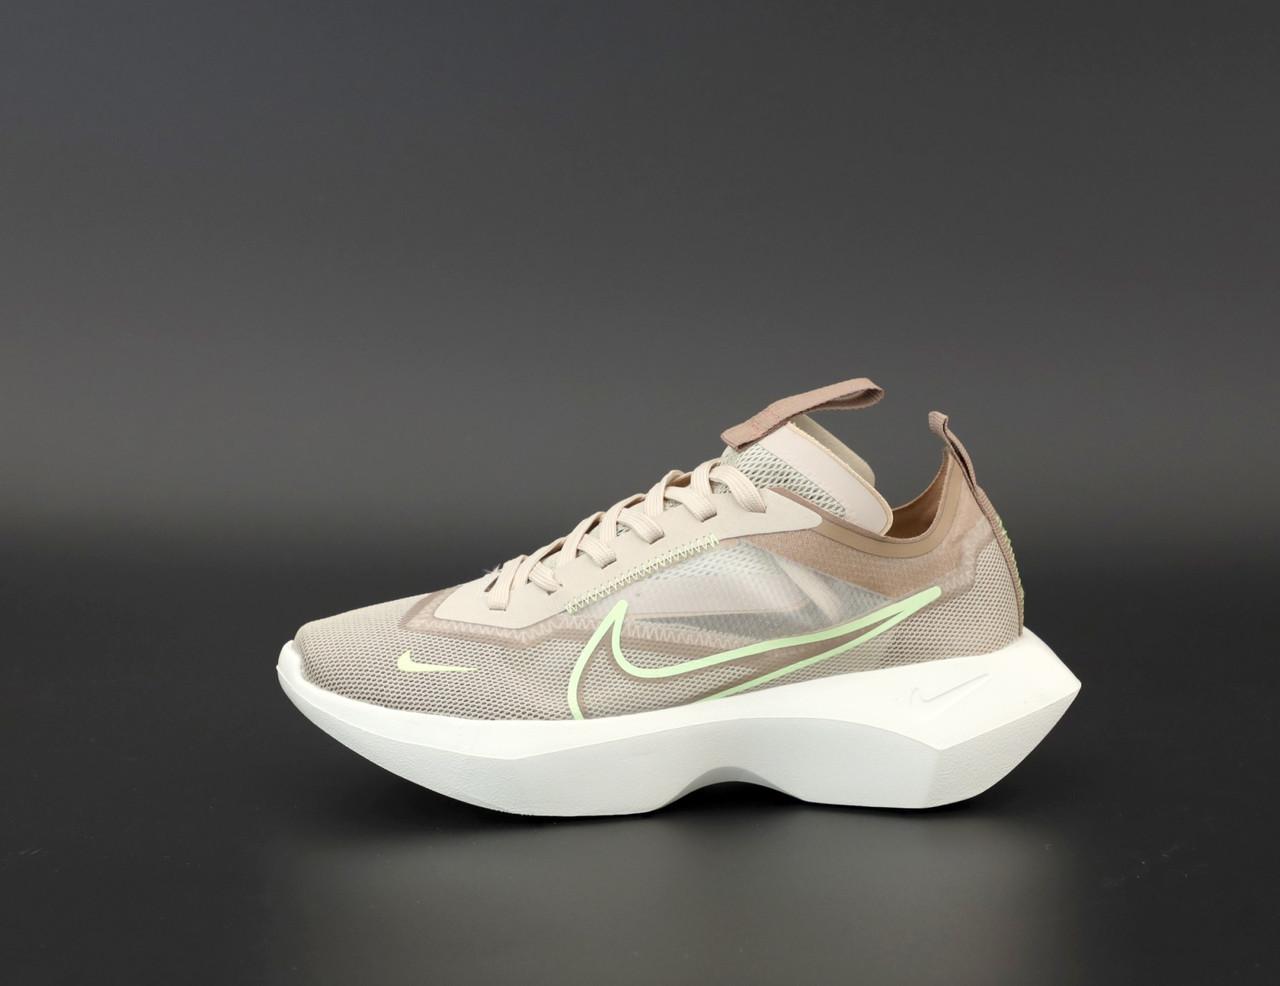 Женские кроссовки Nike Vista Lite в стиле найк виста КОРИЧНЕВЫЕ (Реплика ААА+)